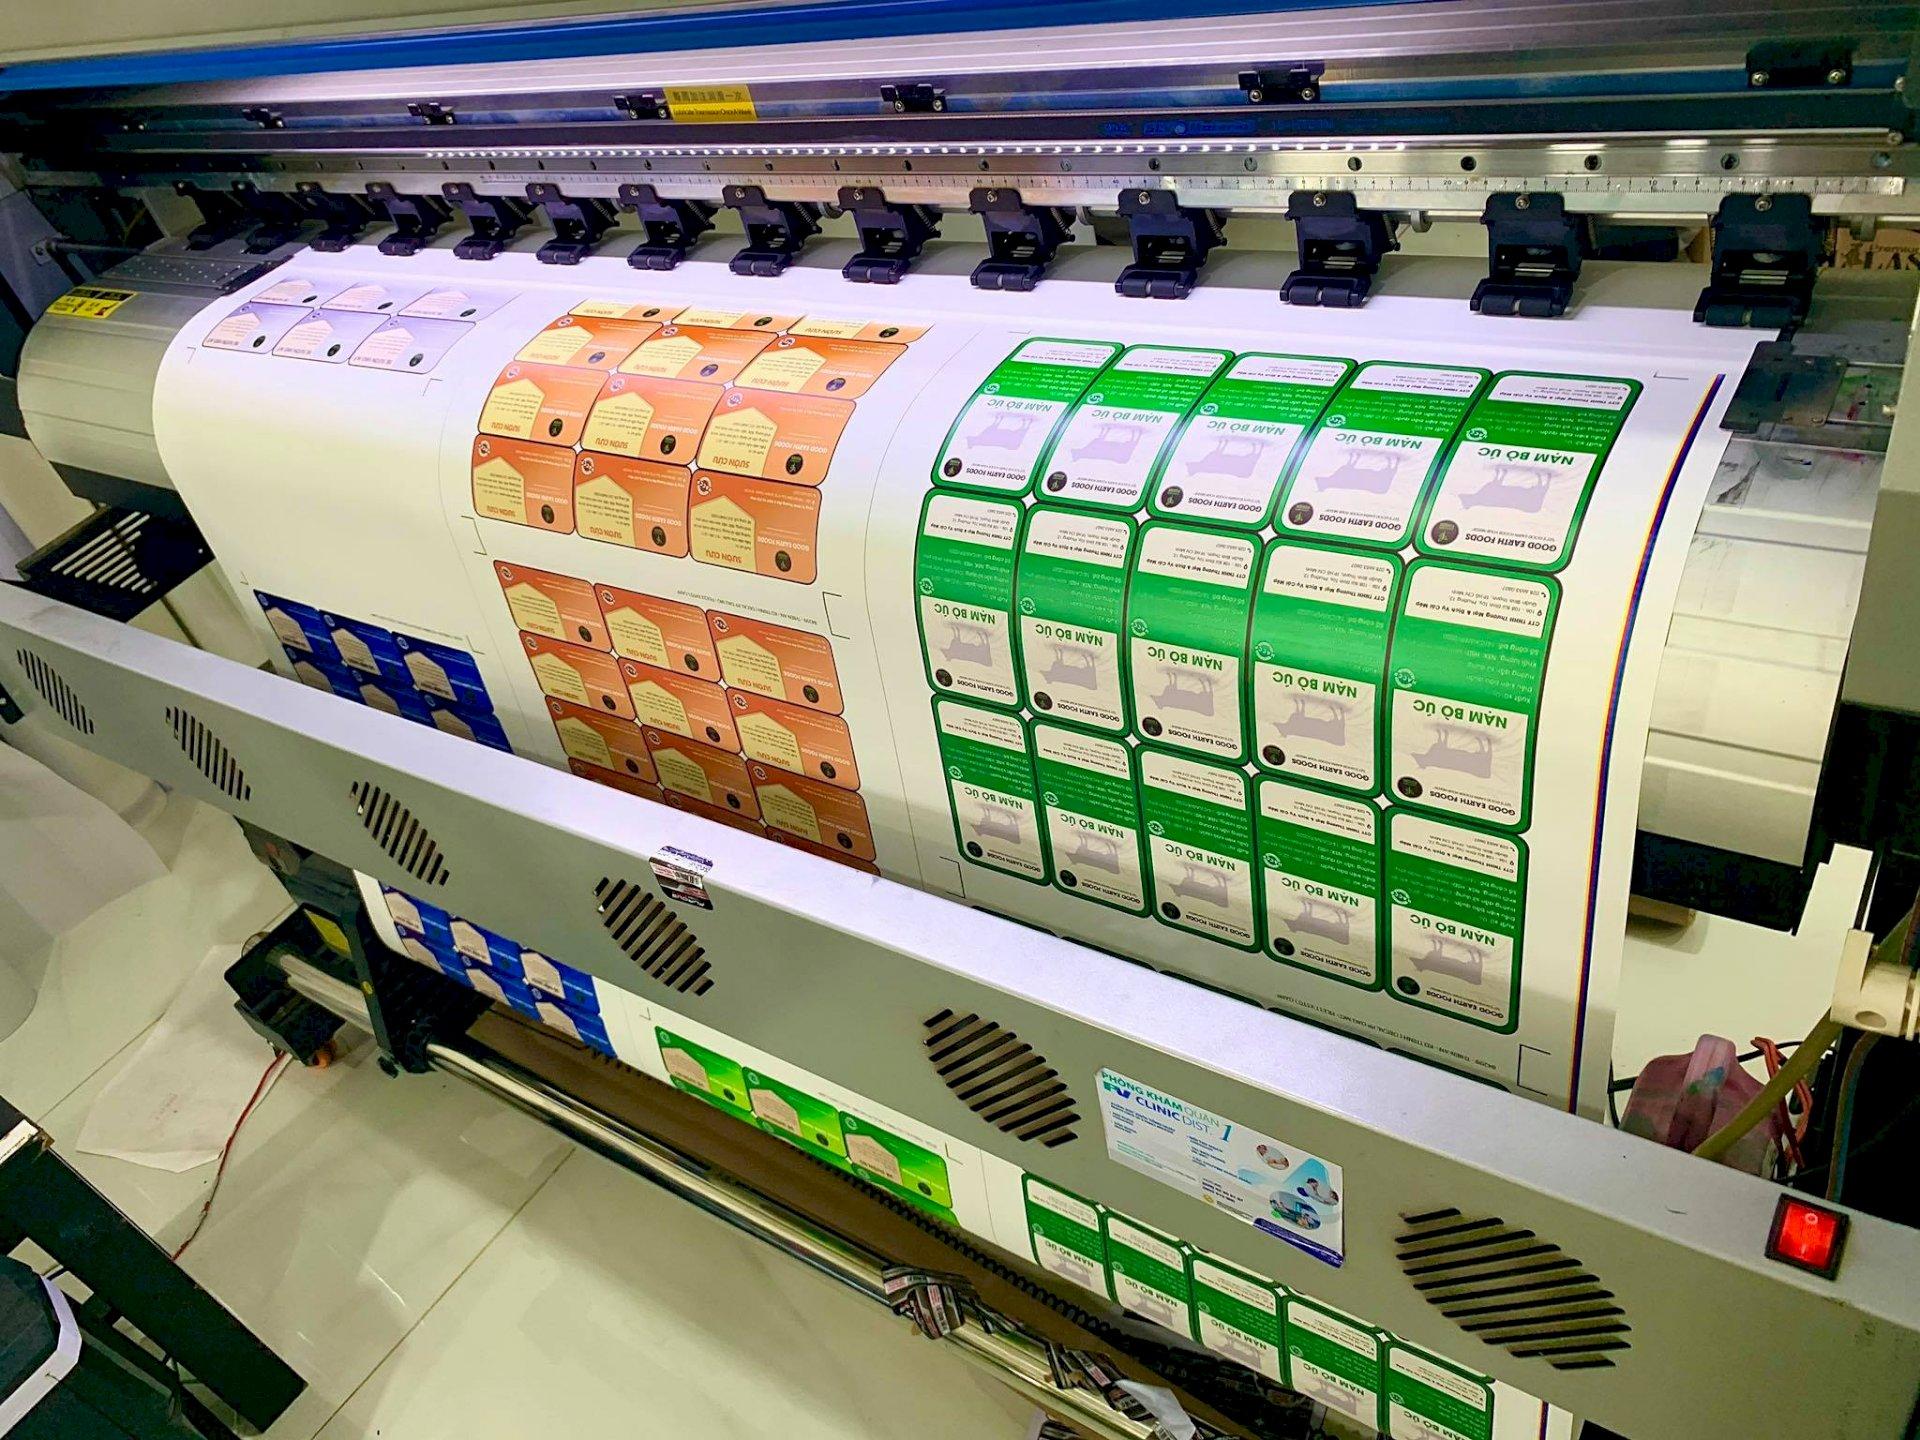 Xưởng in tem giấy Bình Thạnh - In tem giấy decal TPHCM - có thiết kế, in lẻ, in số lượng lớn  - Ảnh: 5